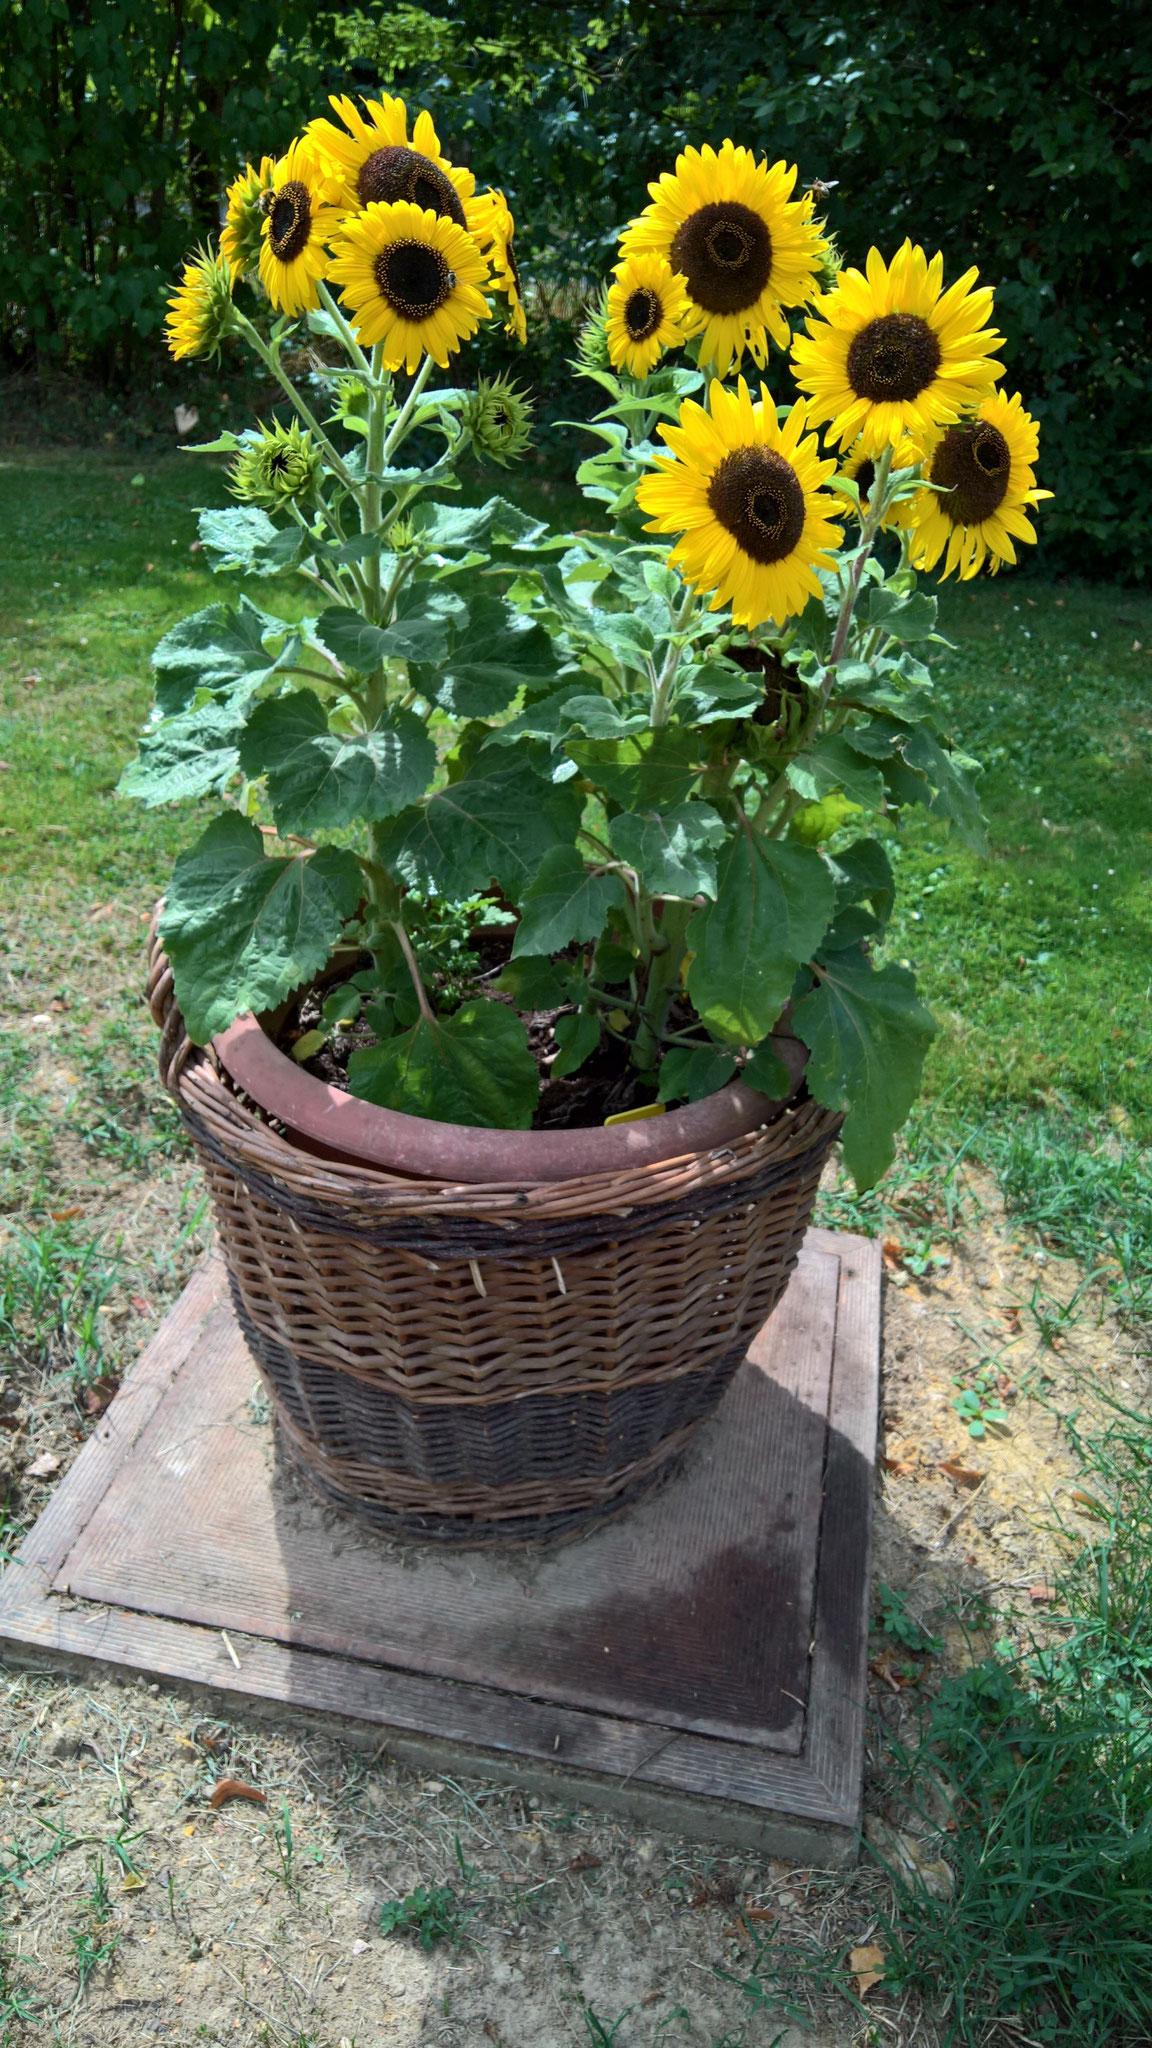 Die kurzbeinigen Sonnenblumen vor dem Haus